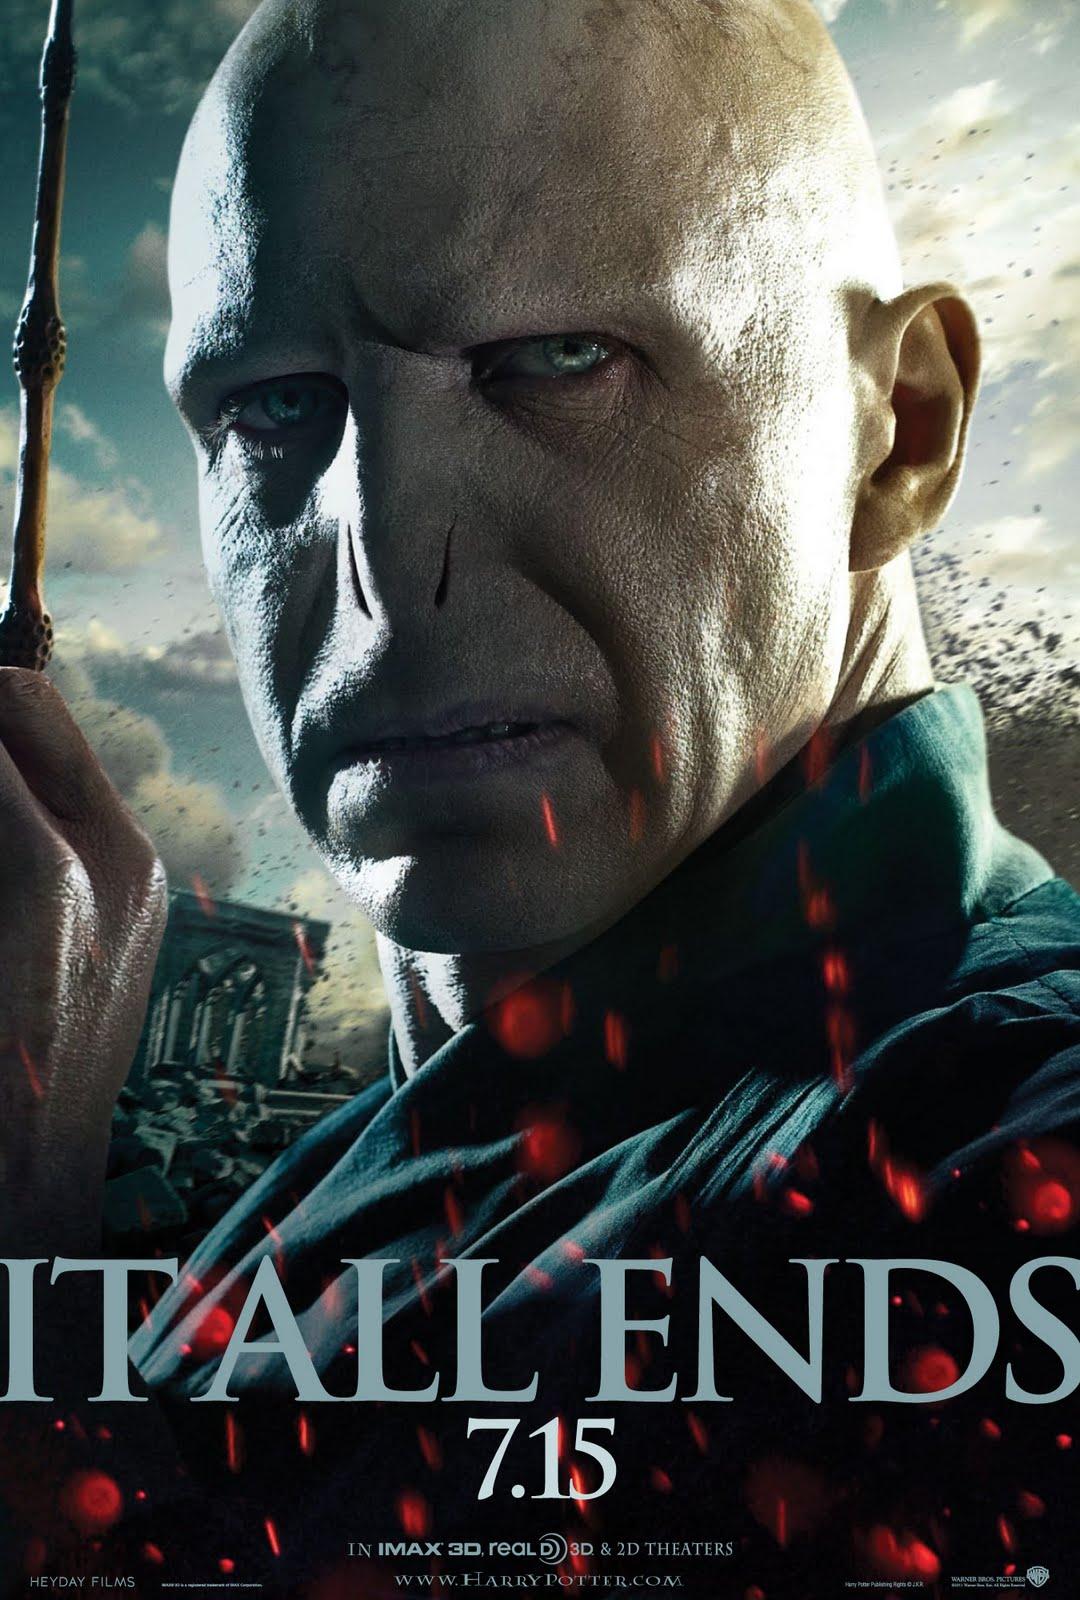 http://4.bp.blogspot.com/-yx-56s4zsh4/TePlSqu4eZI/AAAAAAAAGUQ/PMkpbaU7yzQ/s1600/Harry%2BPotter%2B%2526%2Bthe%2BDeathly%2BHallows_part2_Poster%2B%25237_Voldemort.jpg